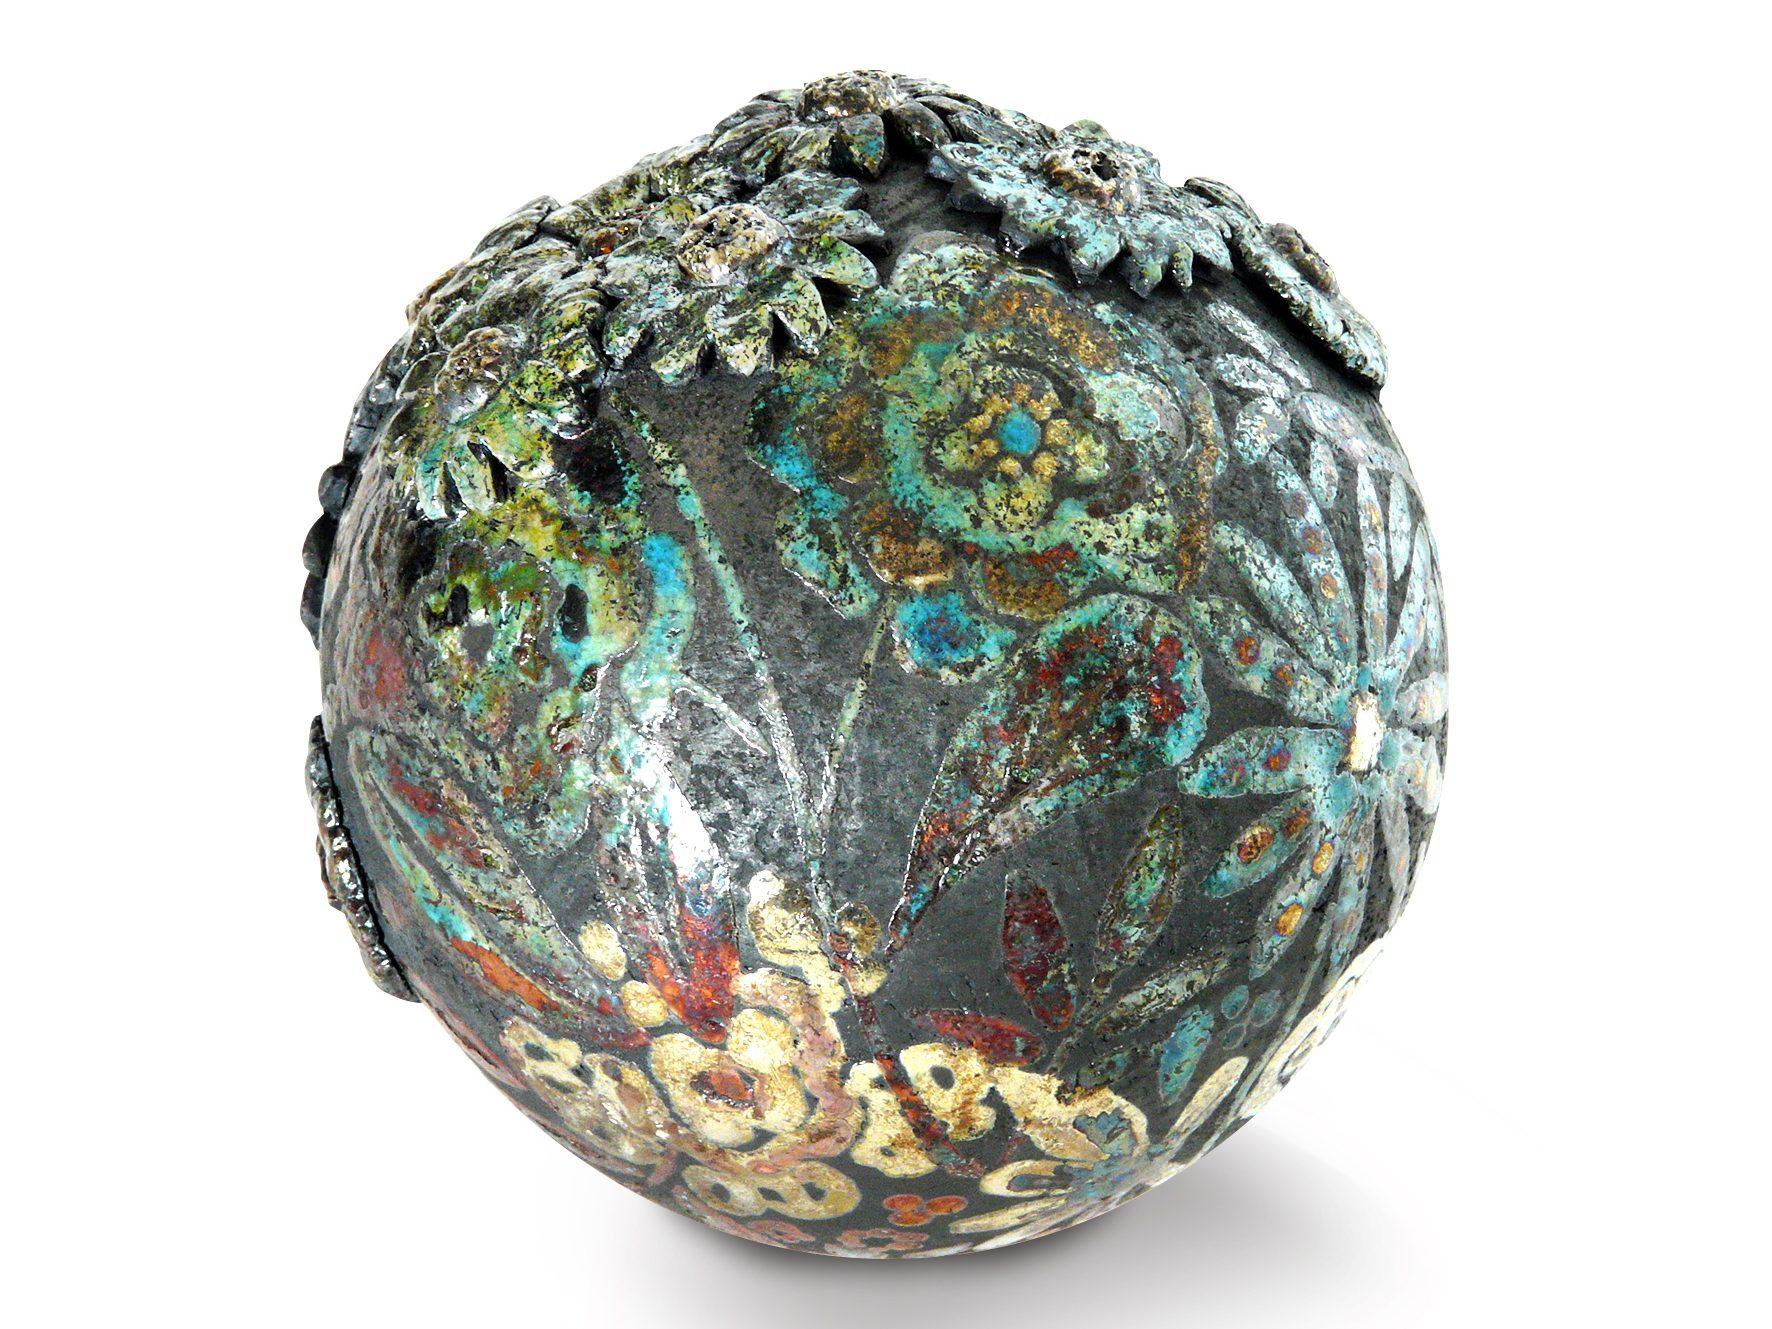 Moon d'hiver - ø : 14 cm - Grès - Raku - Nitrate d'argent - Oxydes - Sculptures céramique de Florence Lemiegre